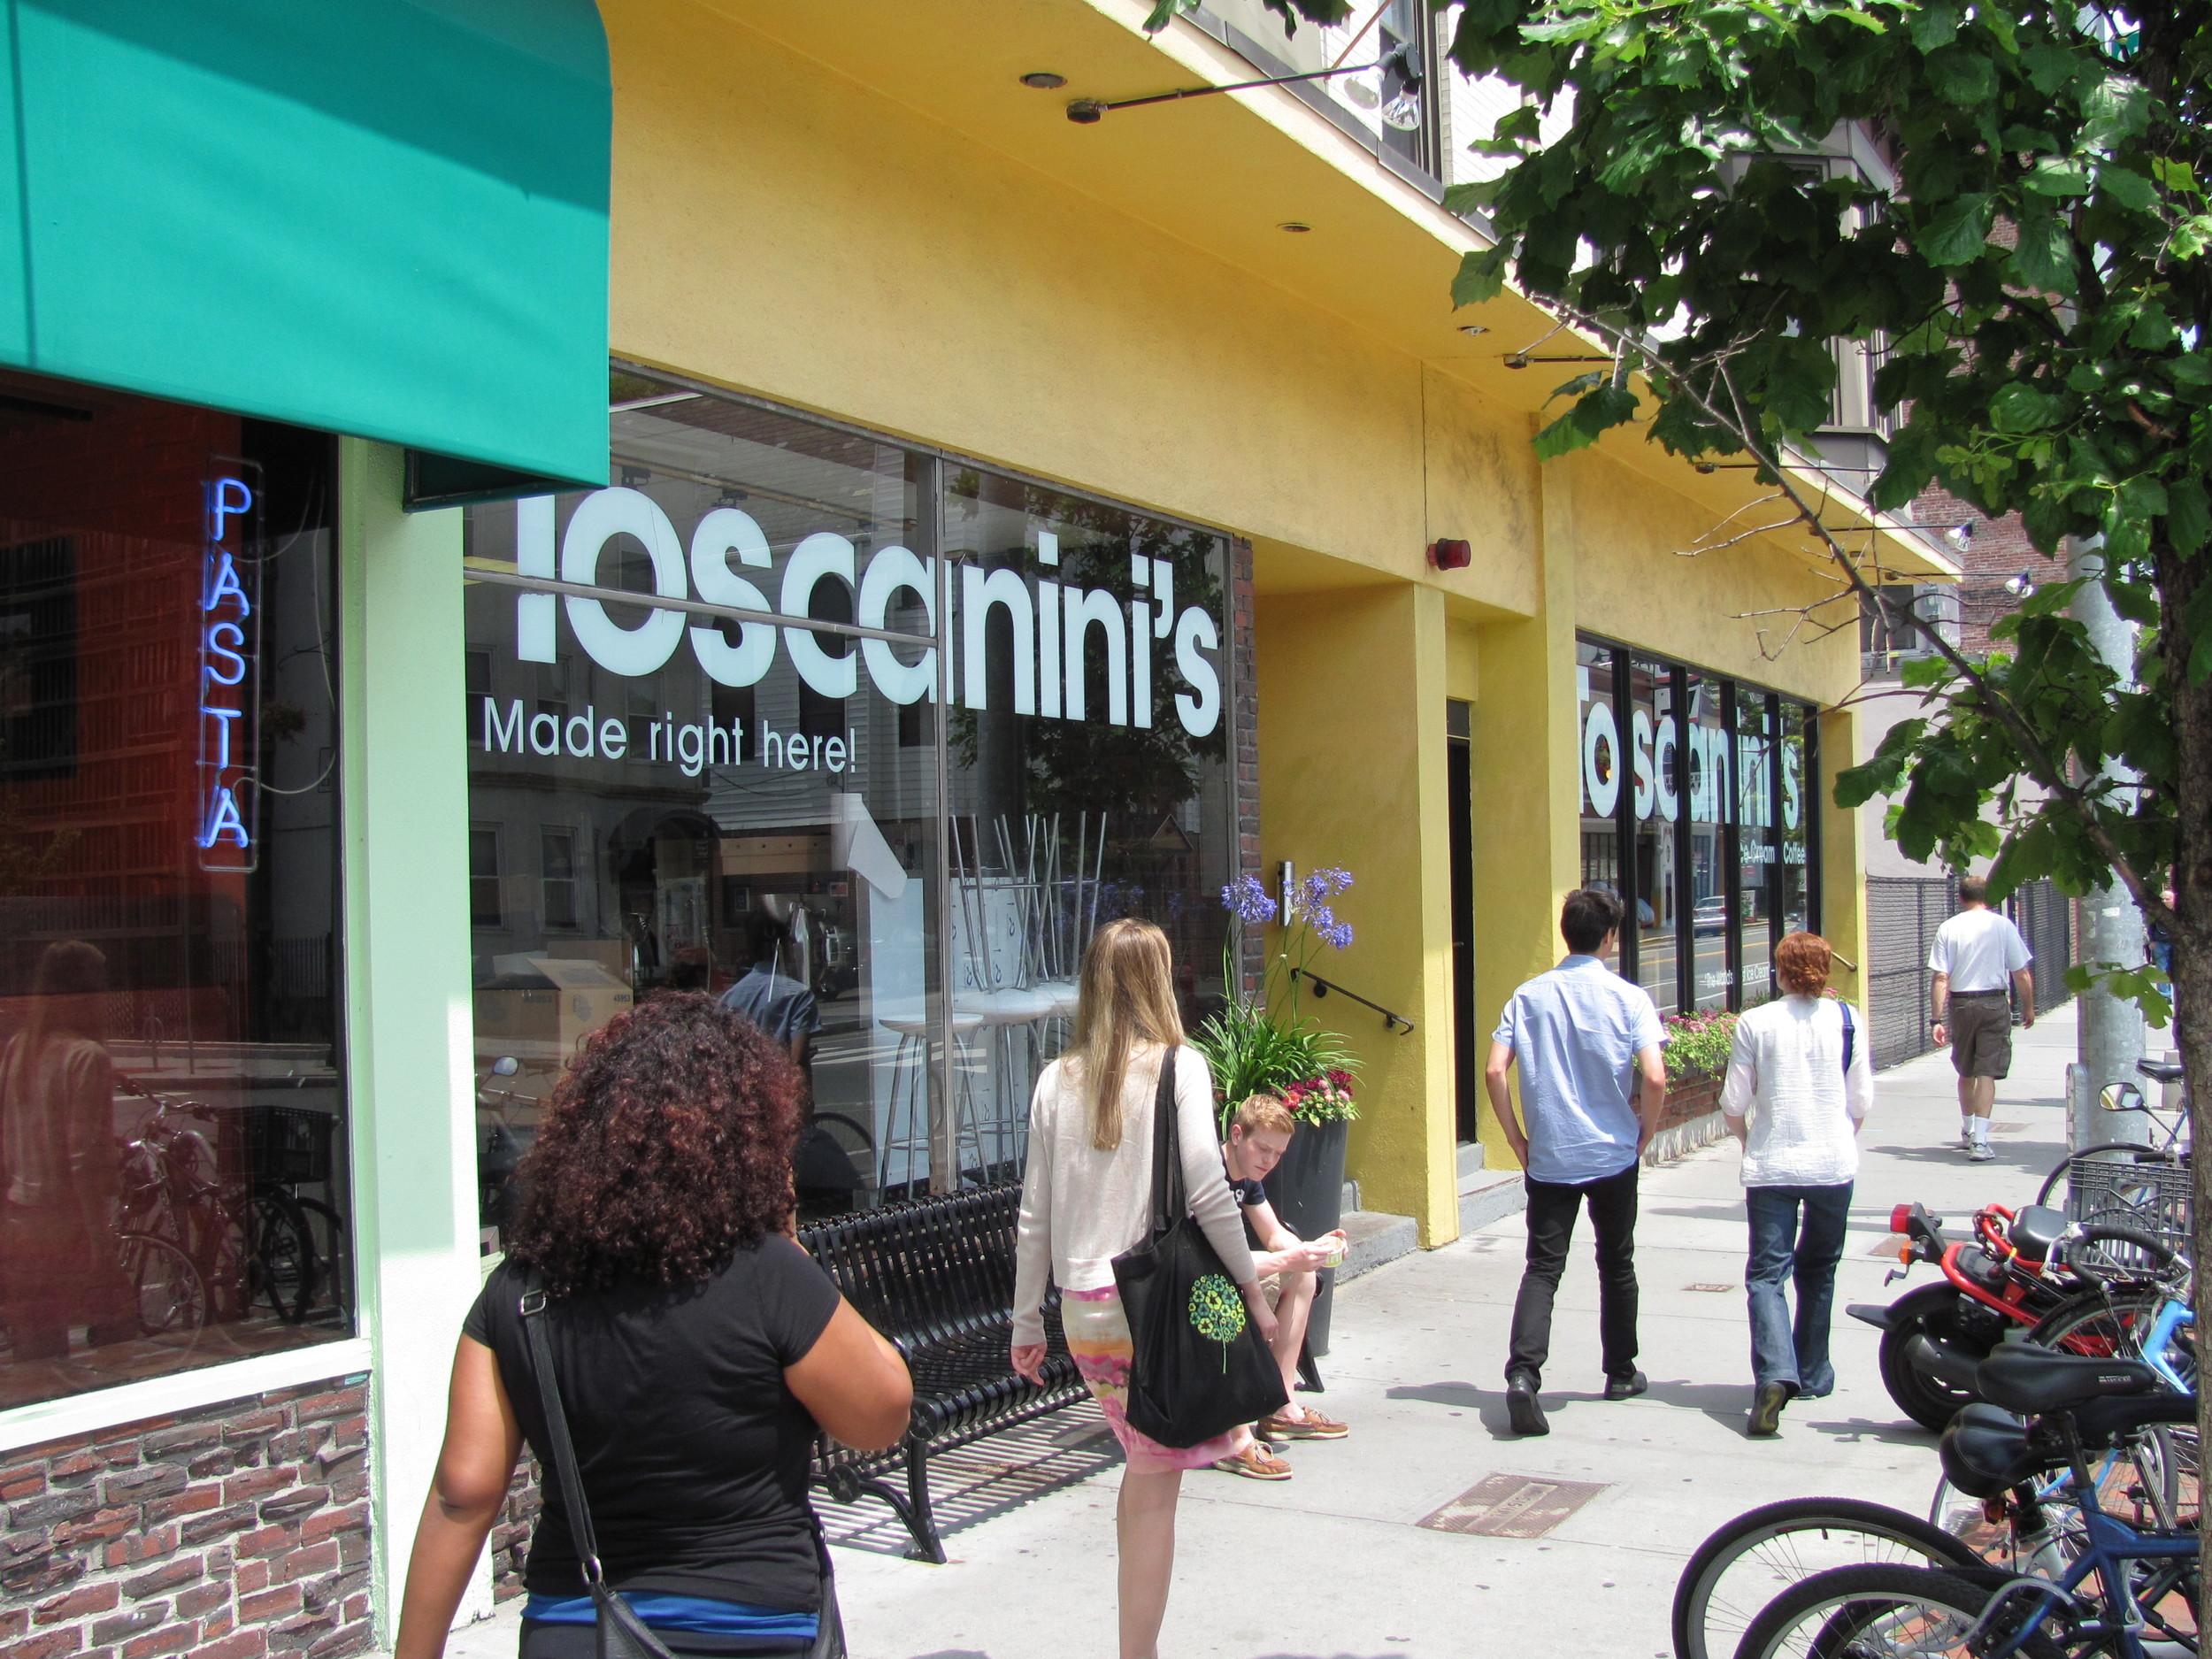 Toscanini's Ice Cream | Mass+Main, Cambridge, MA